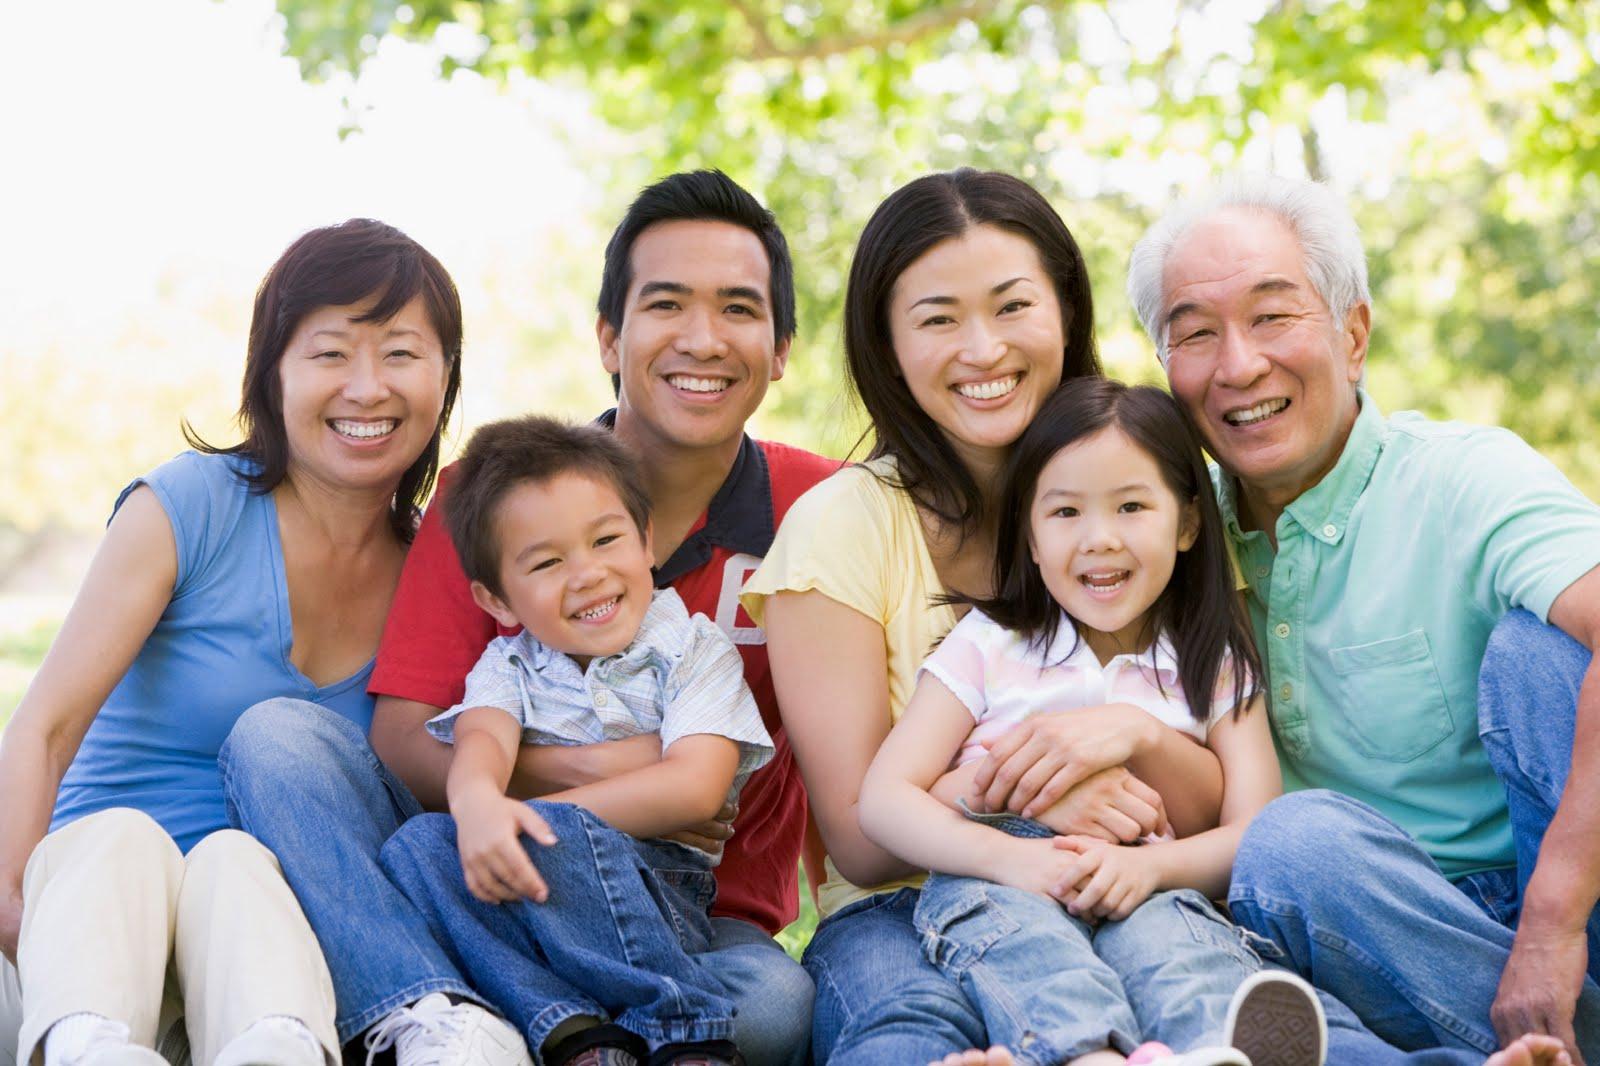 แนะกลับบ้านสงกรานต์ เติมความผูกพันครอบครัว ลดความเหงาผู้เฒ่าผู้แก่